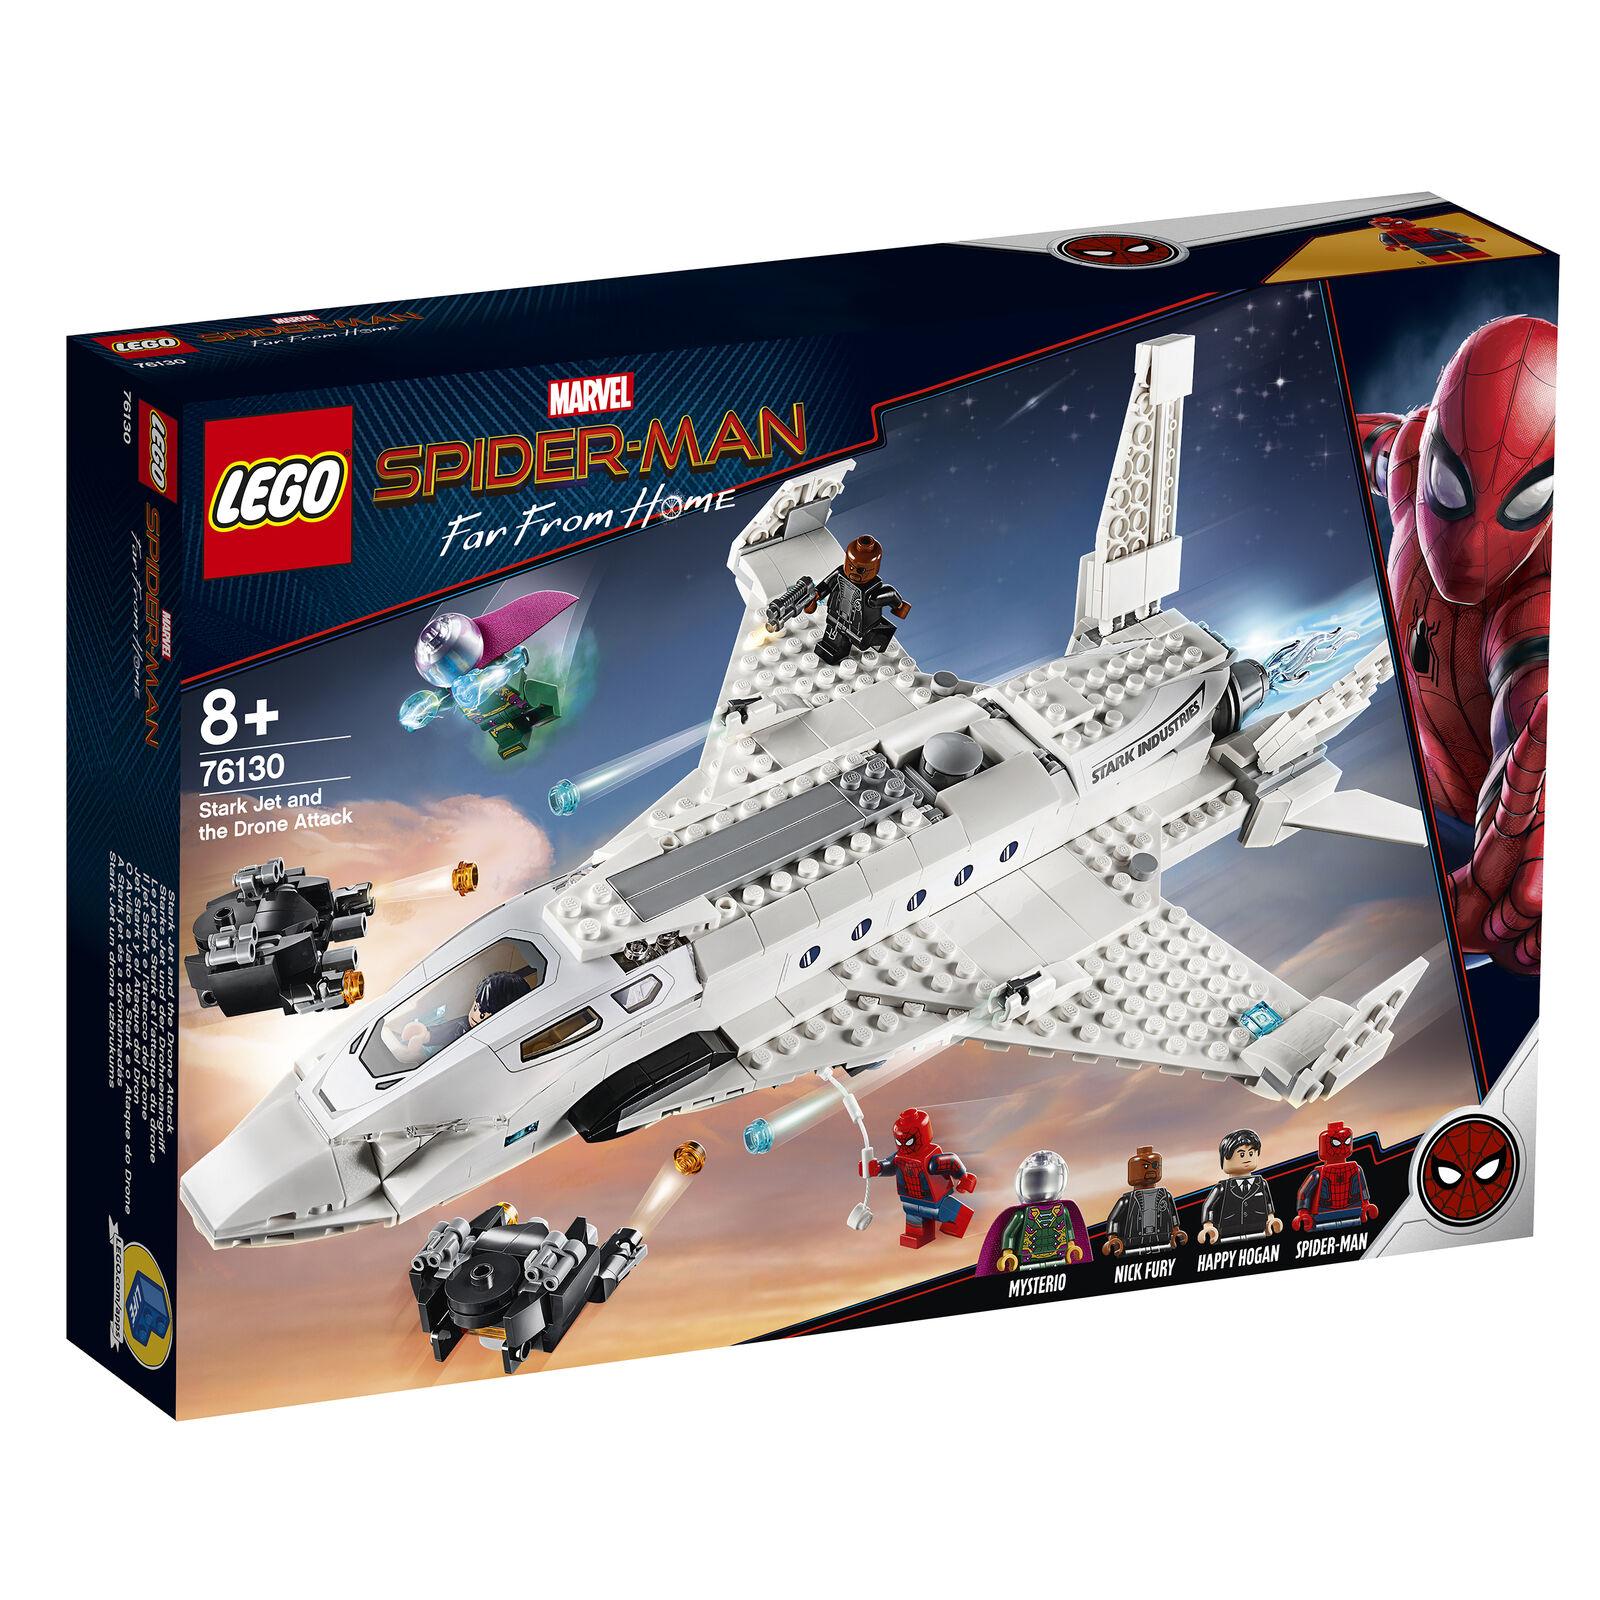 76130  LEGO MARVEL SUPER HEROES estrellaK JET & L'ATTACCO DEI DRONI SPIDER-uomo 504pcs  varie dimensioni